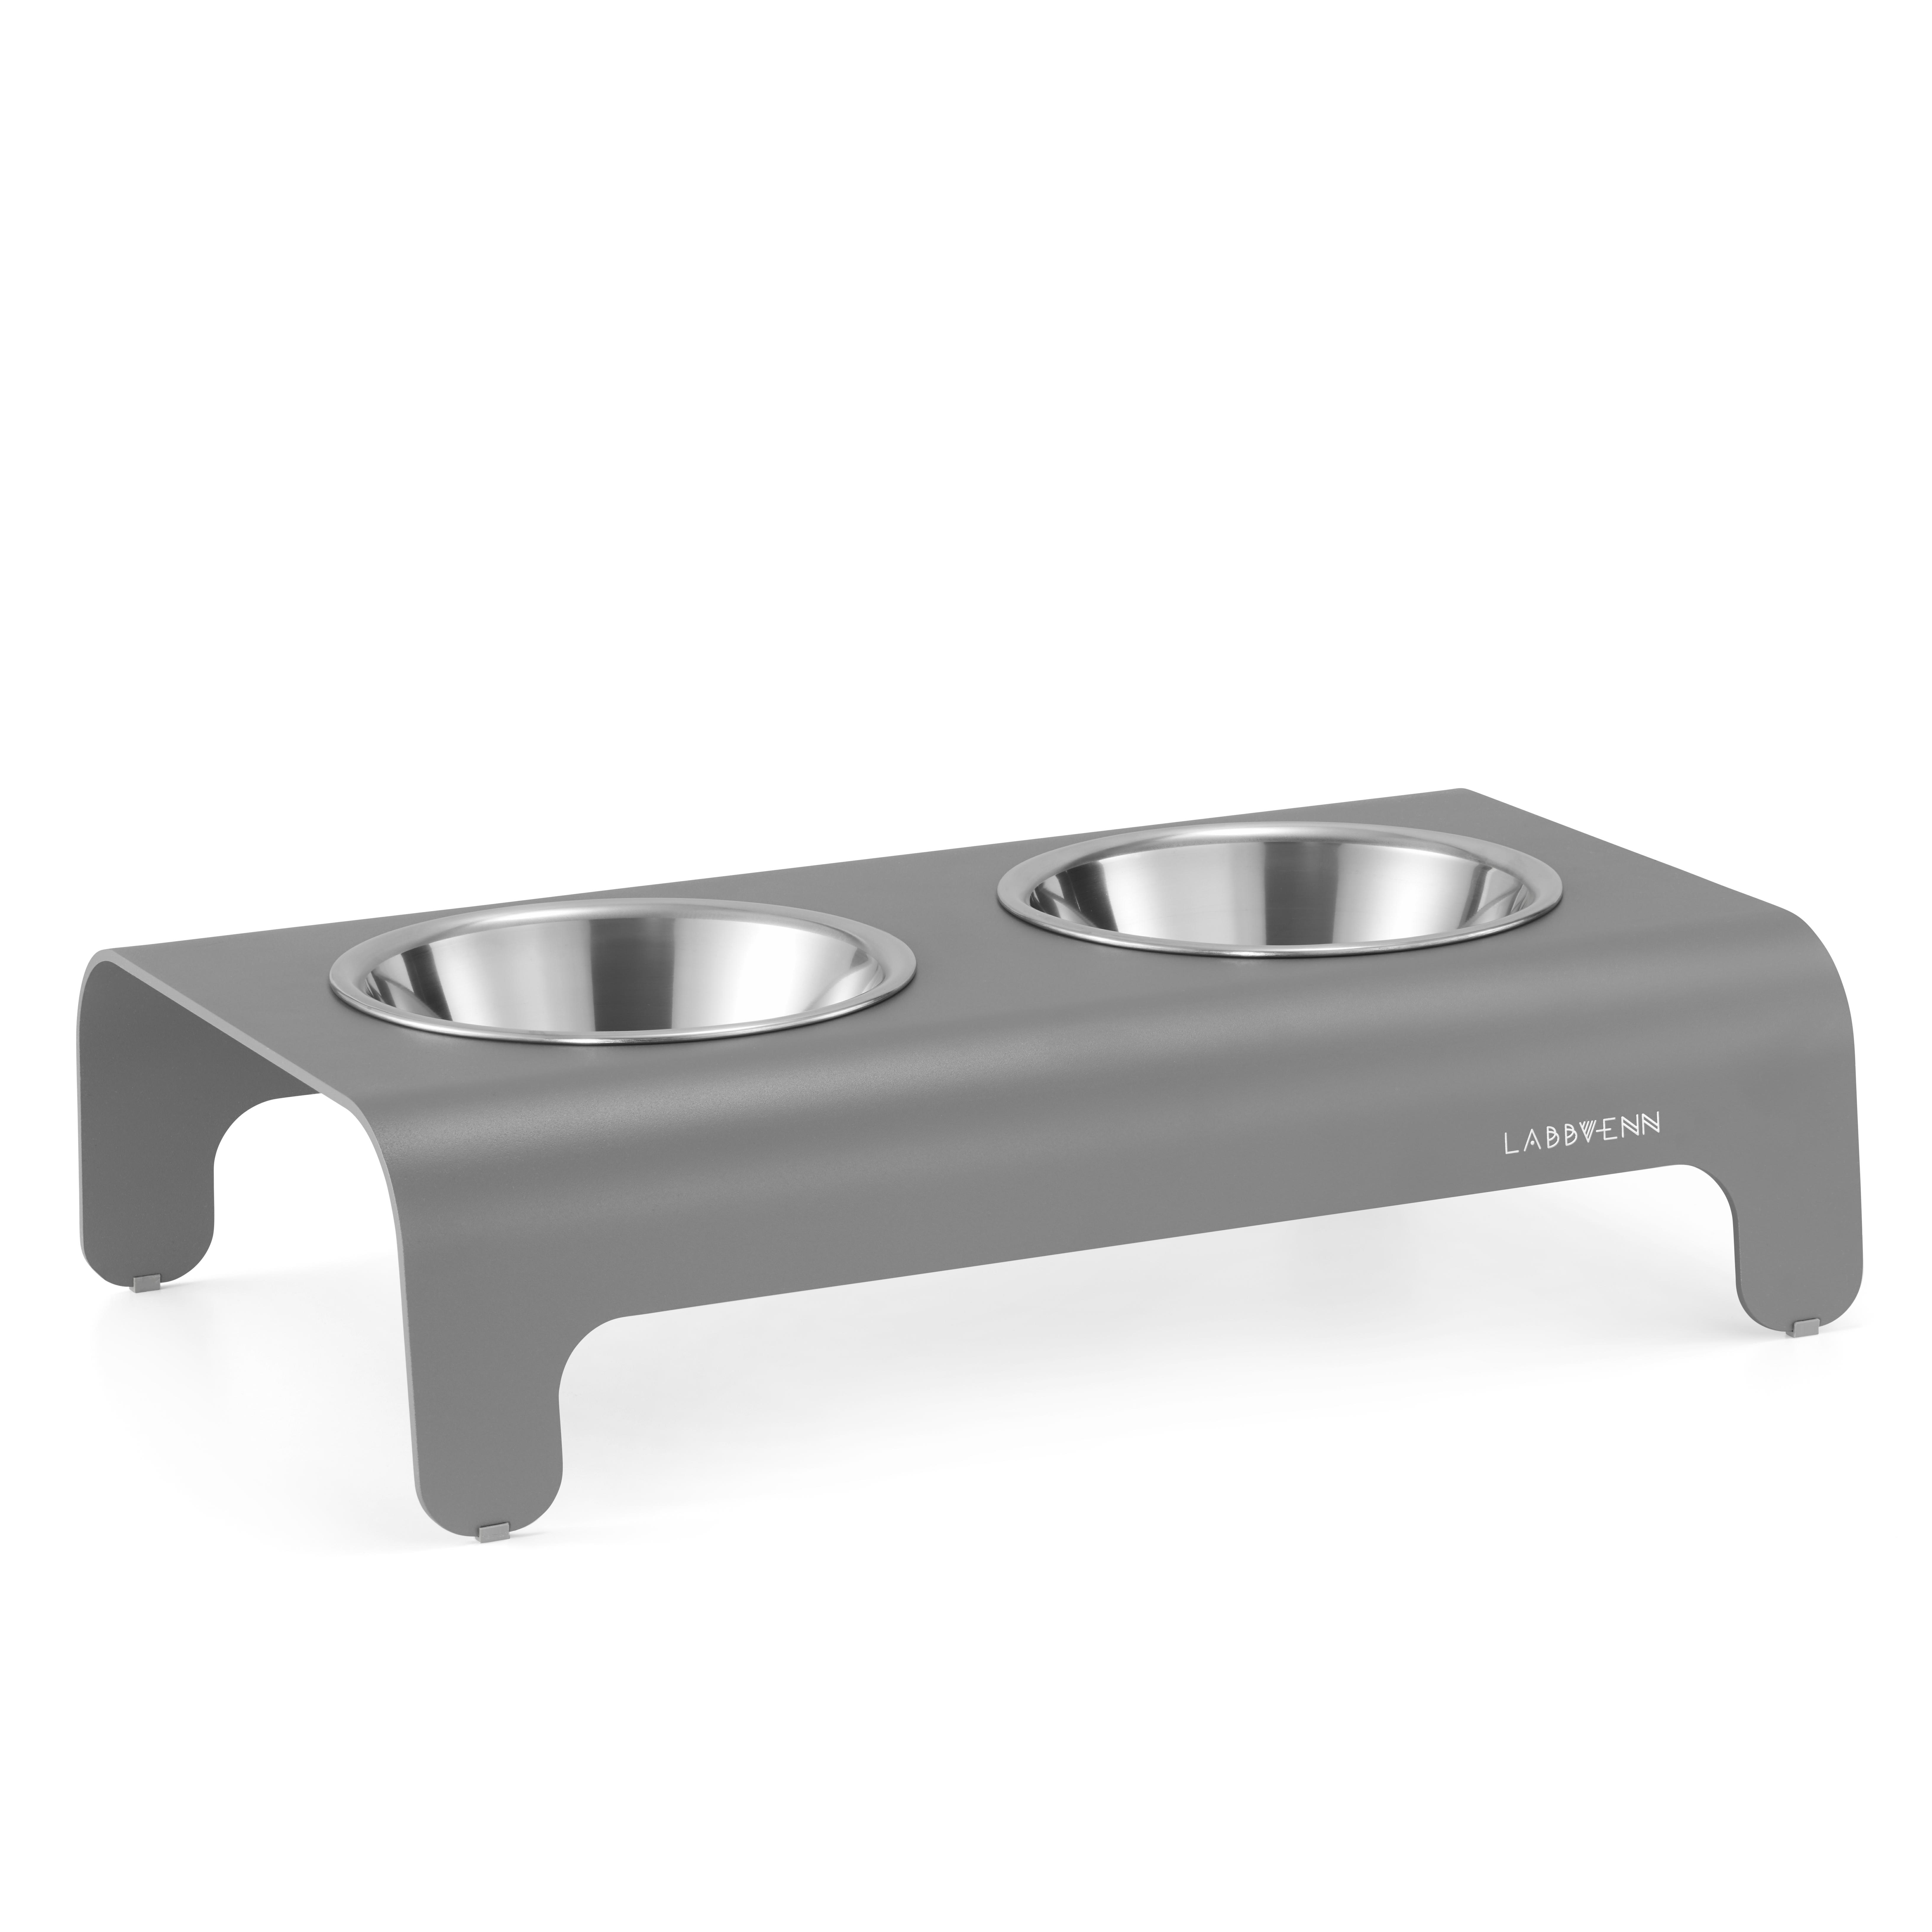 Hundenapf RICO Labbvenn grau